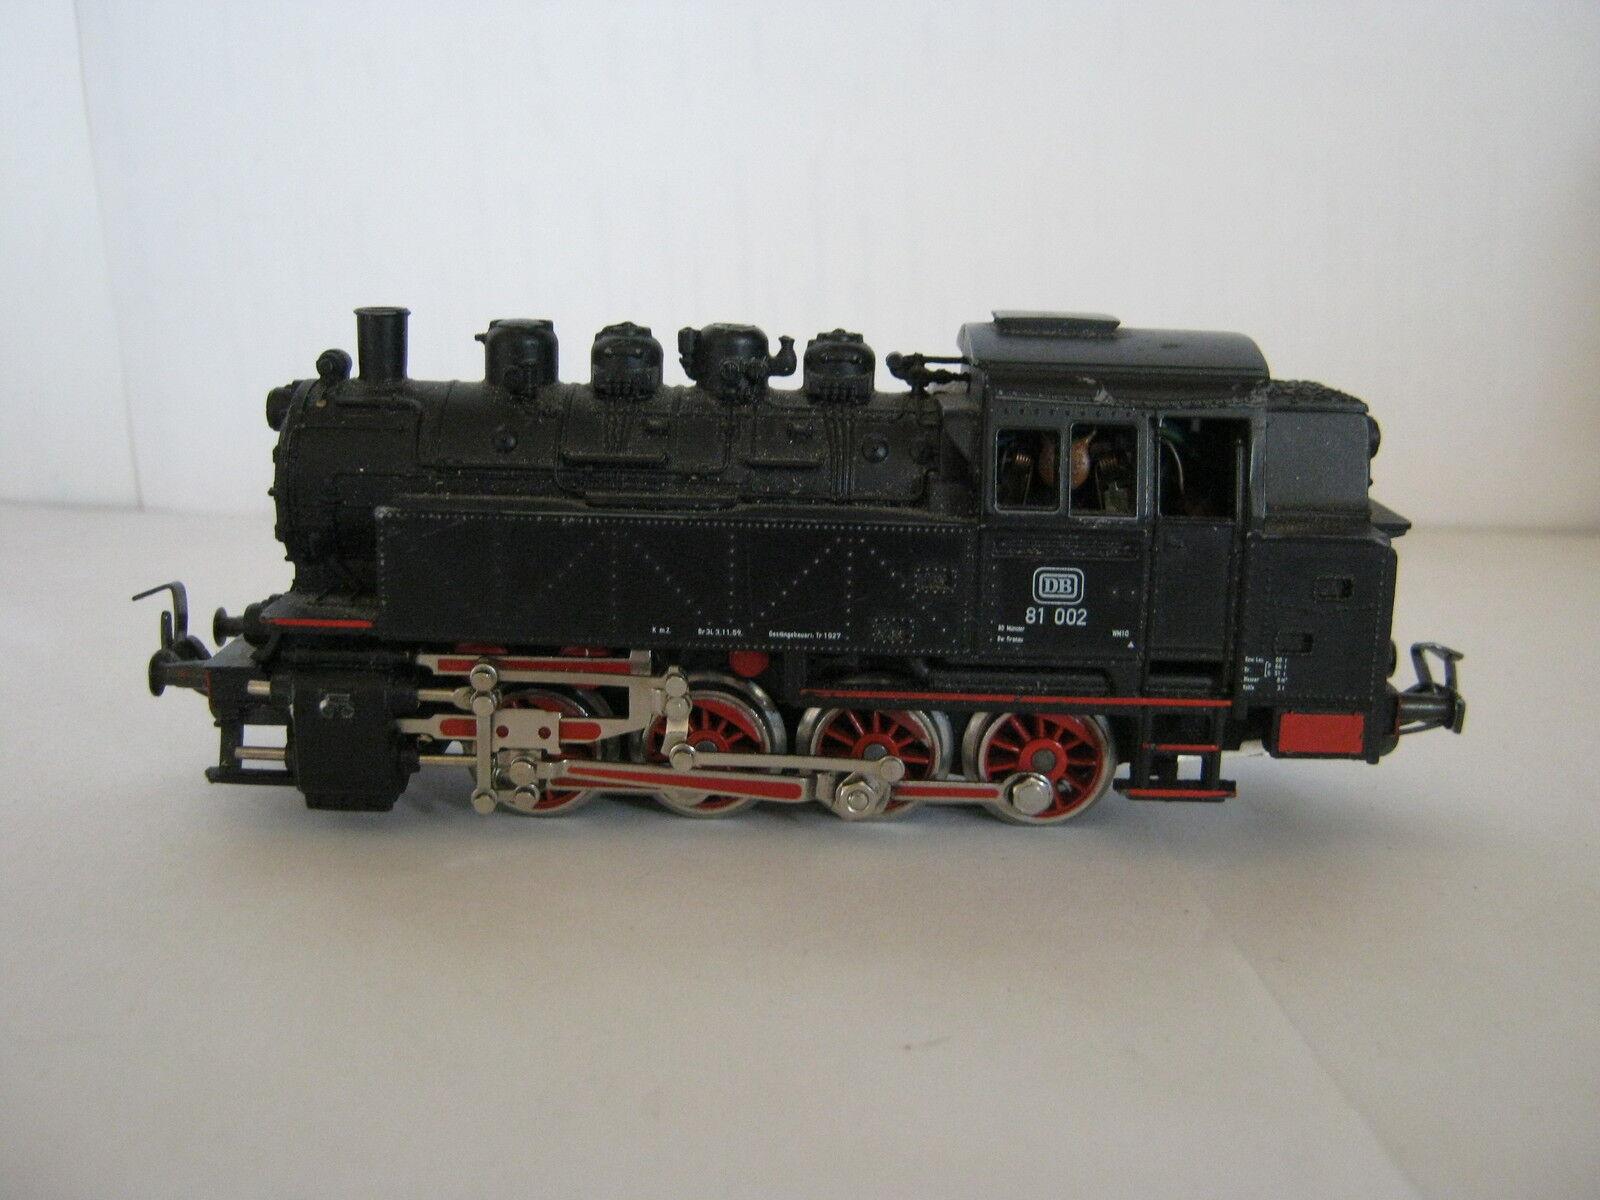 Digital Märklin HO Steam Locomotive btrnr 81 002 DB (rg bc 45r2f5-1)